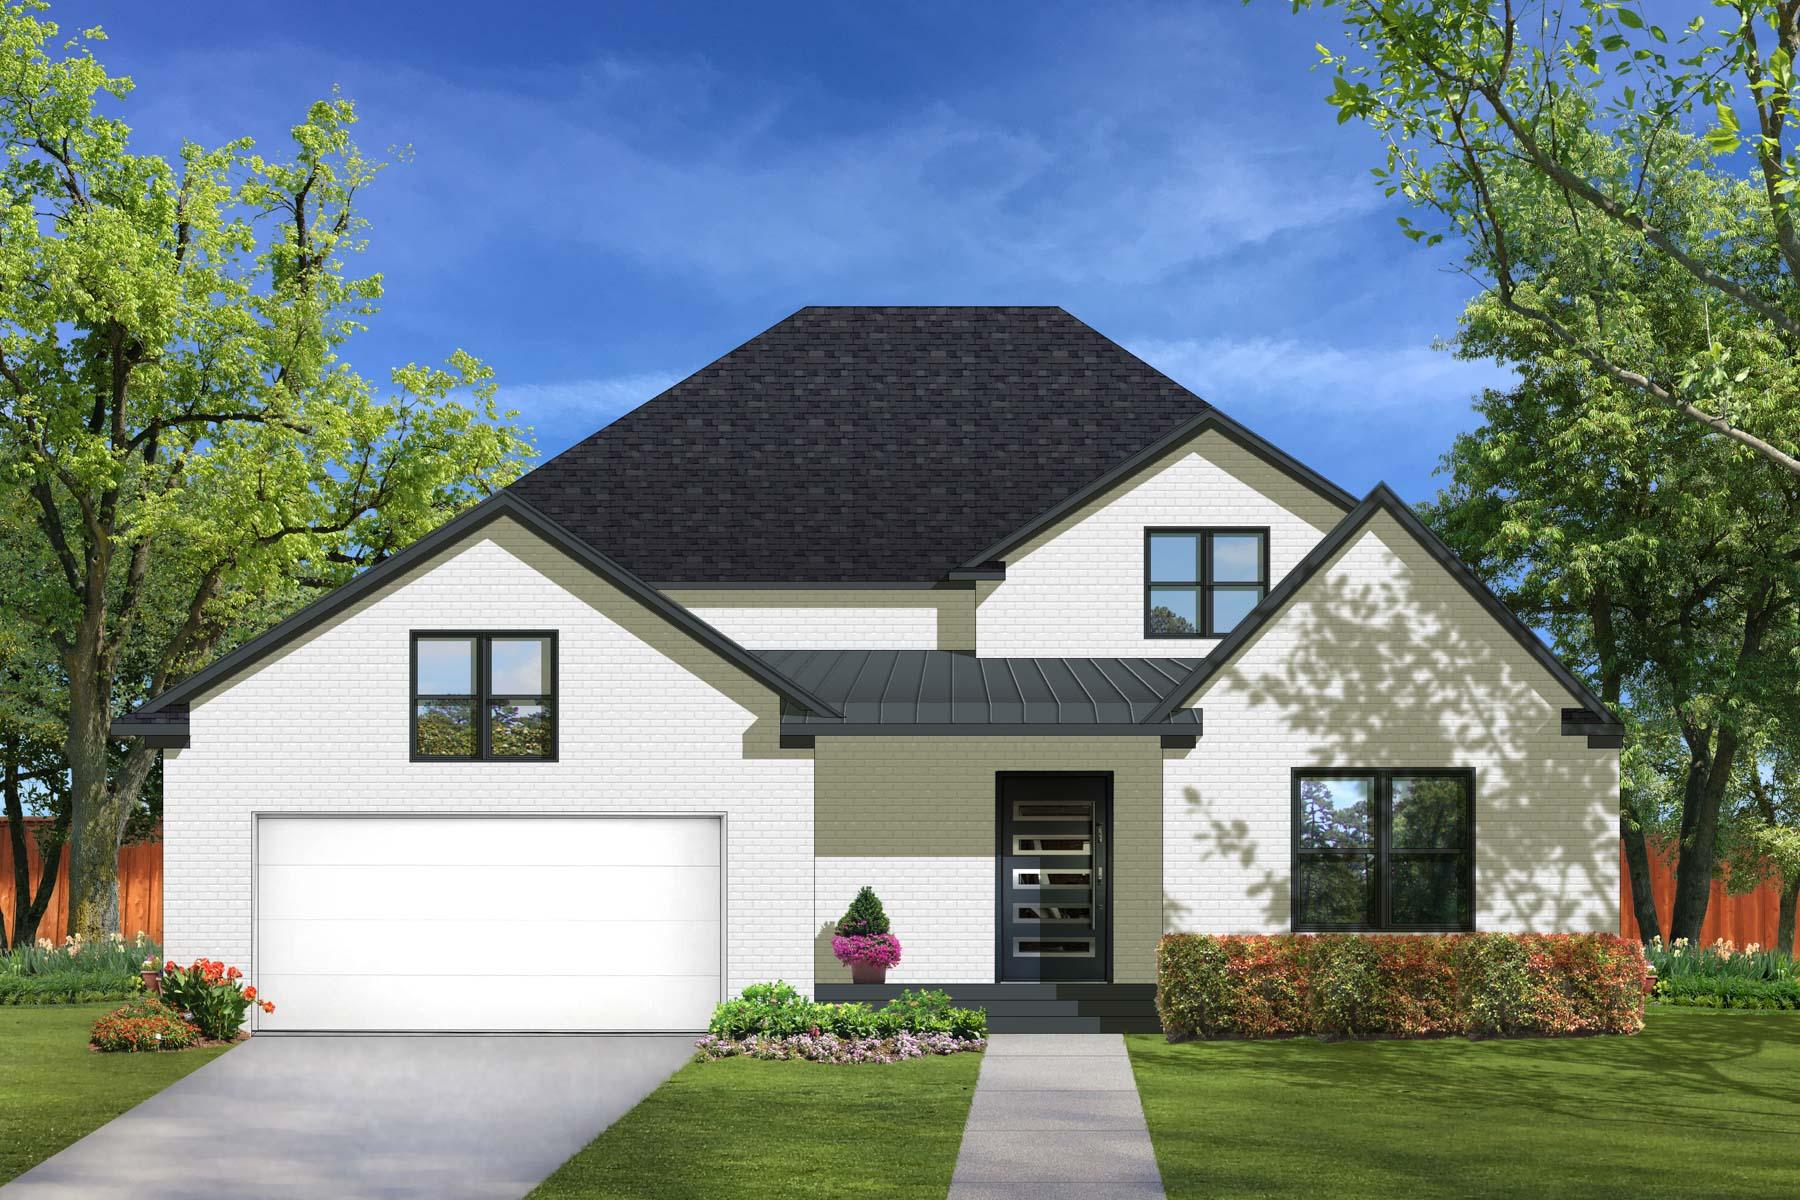 Einfamilienhaus für Verkauf beim Stunning Midway Hollow Transitioal 3939 Cortez Dr Dallas, Texas, 75220 Vereinigte Staaten